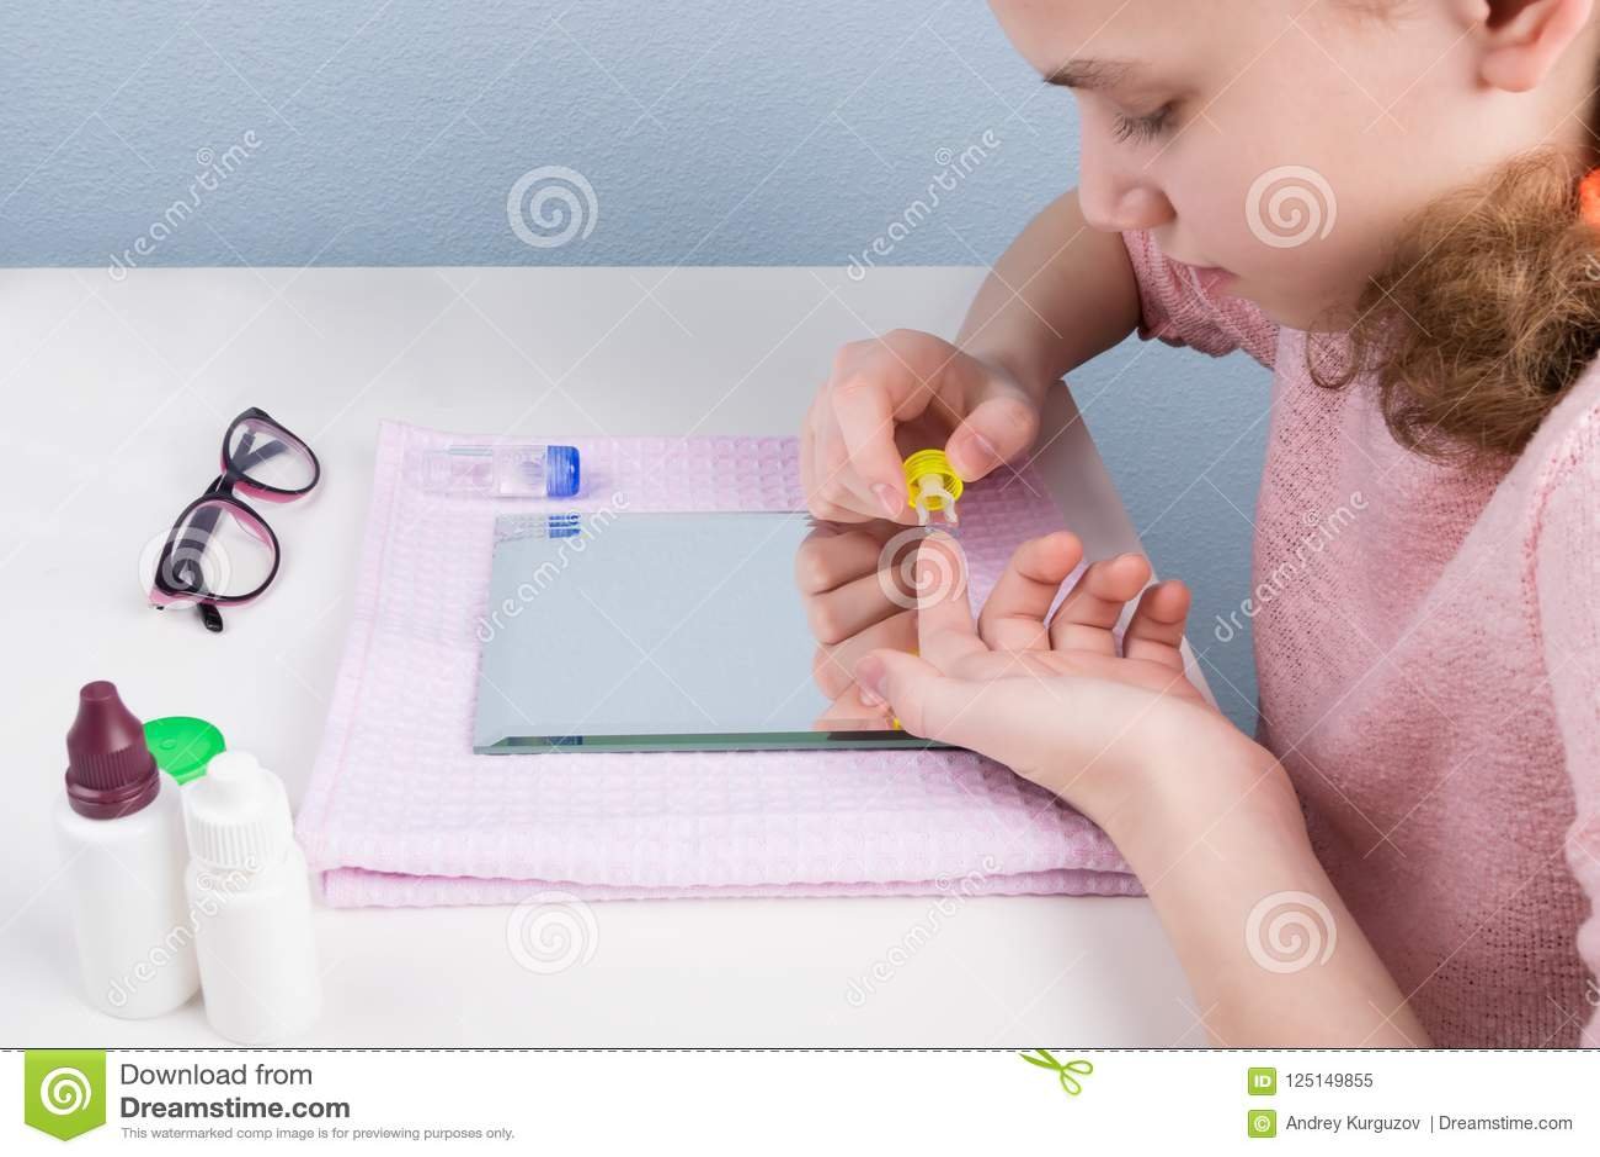 La fille à la table dispose à utiliser des verres de contact devant le miroir